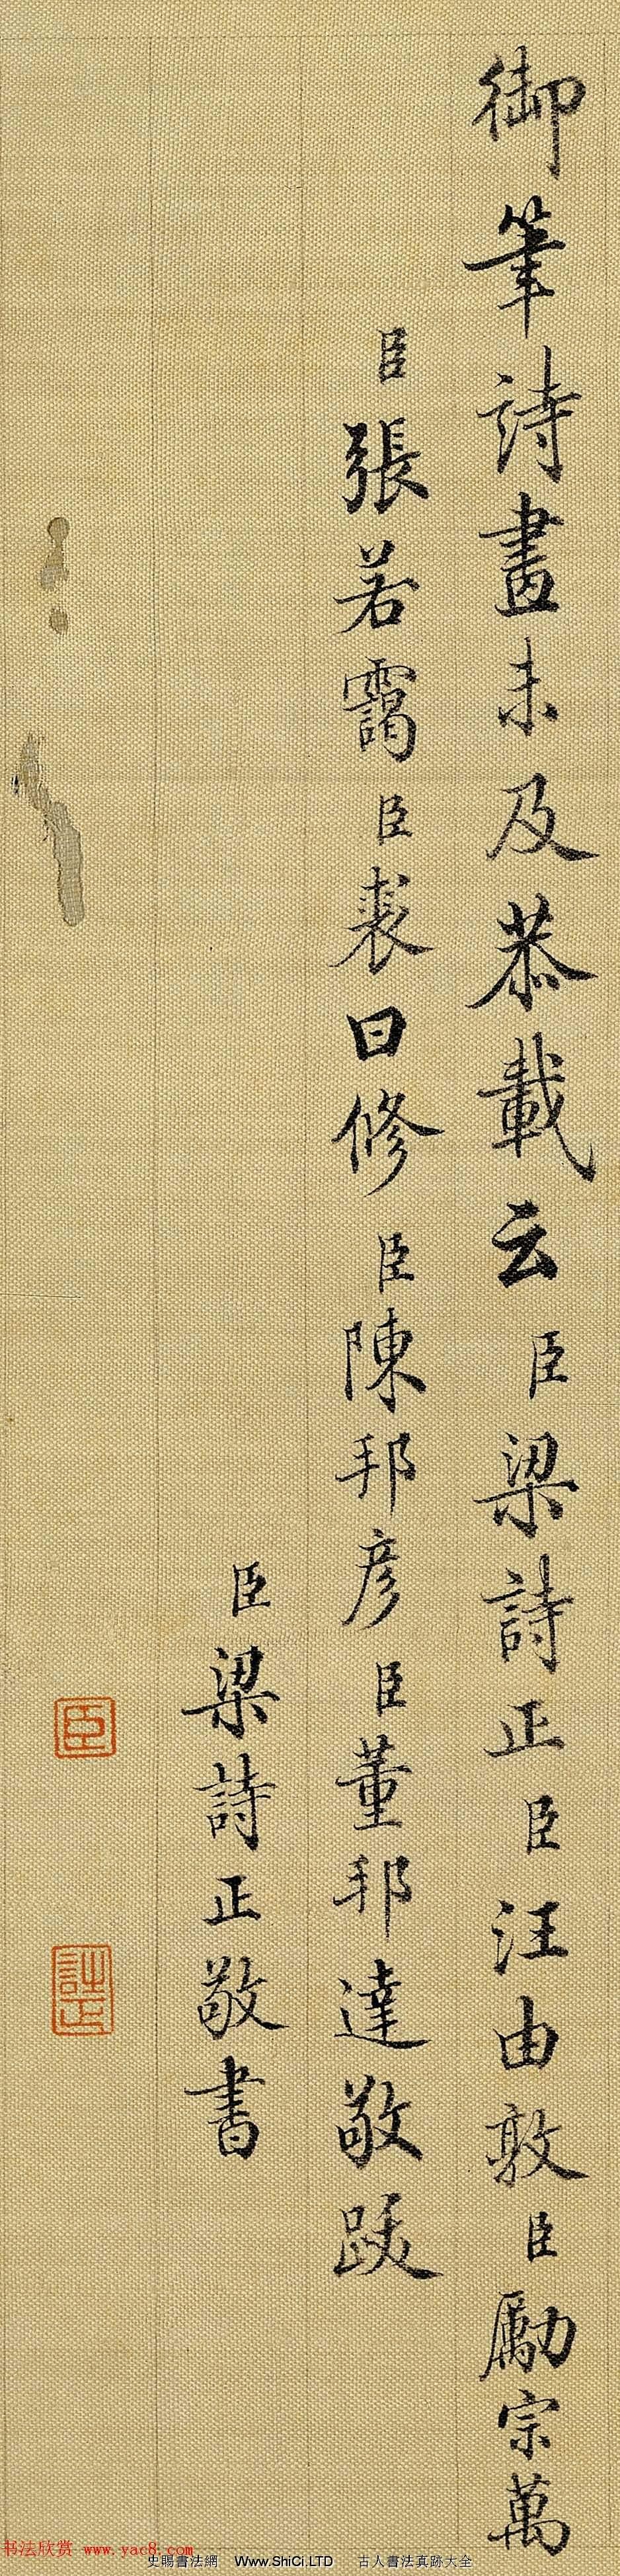 梁詩正書法題跋《王羲之快雪時晴帖》